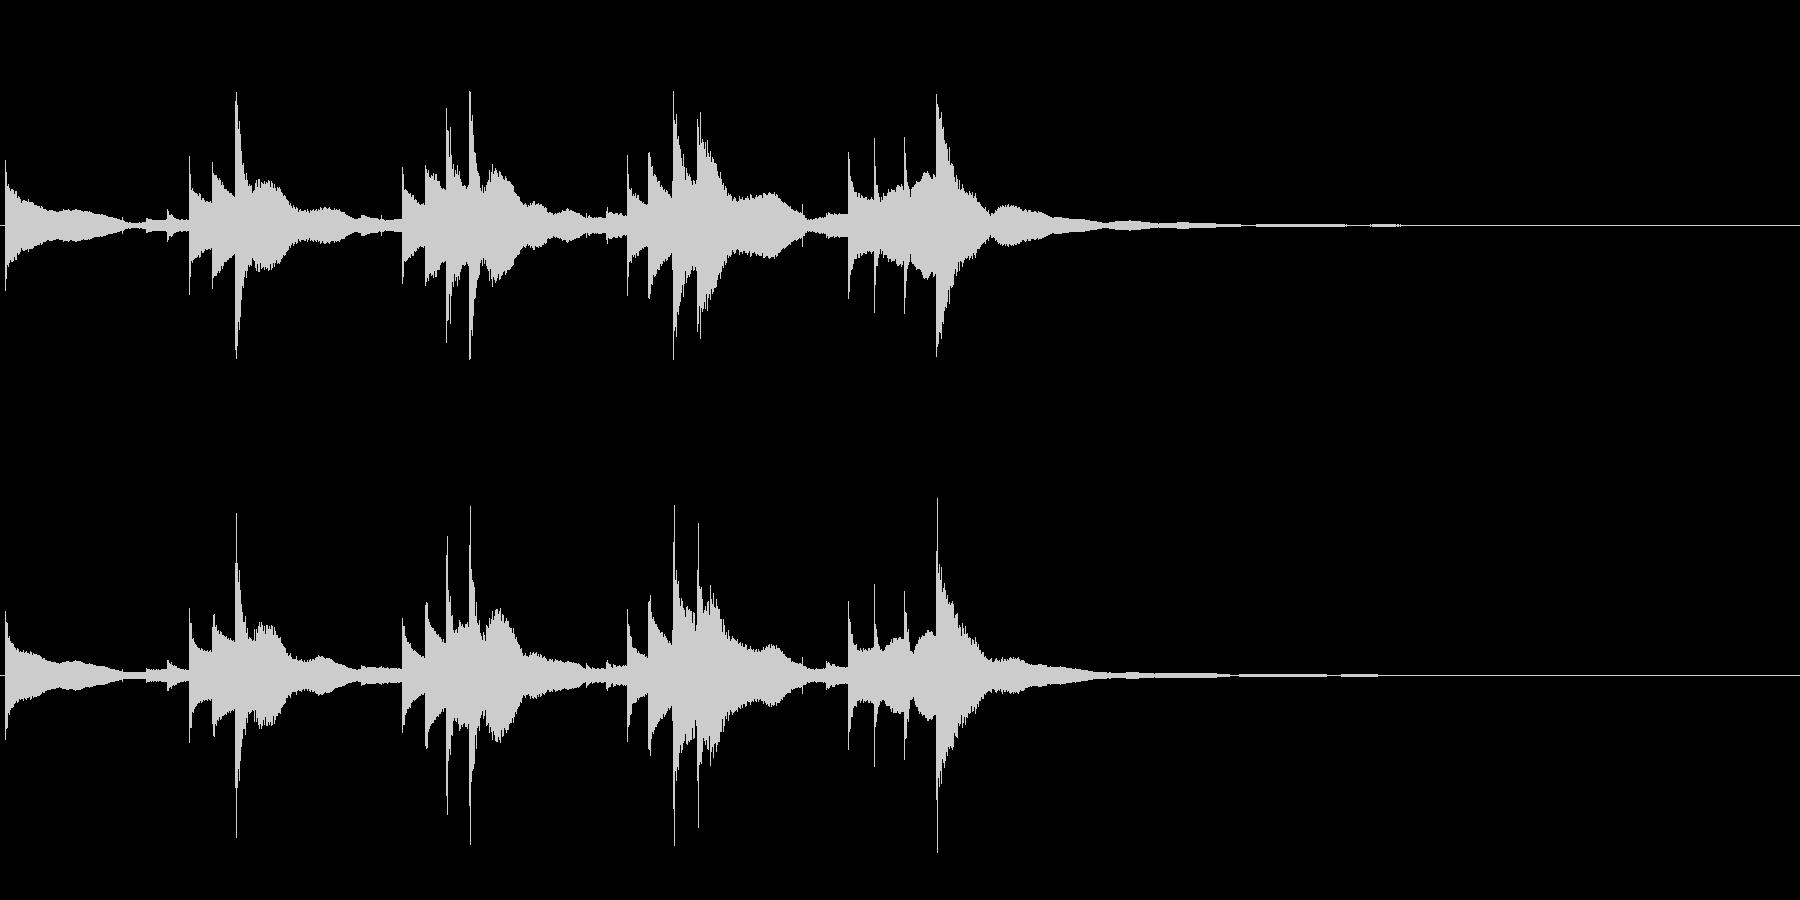 小型の鐘「本つり鐘」のフレーズ音1の未再生の波形